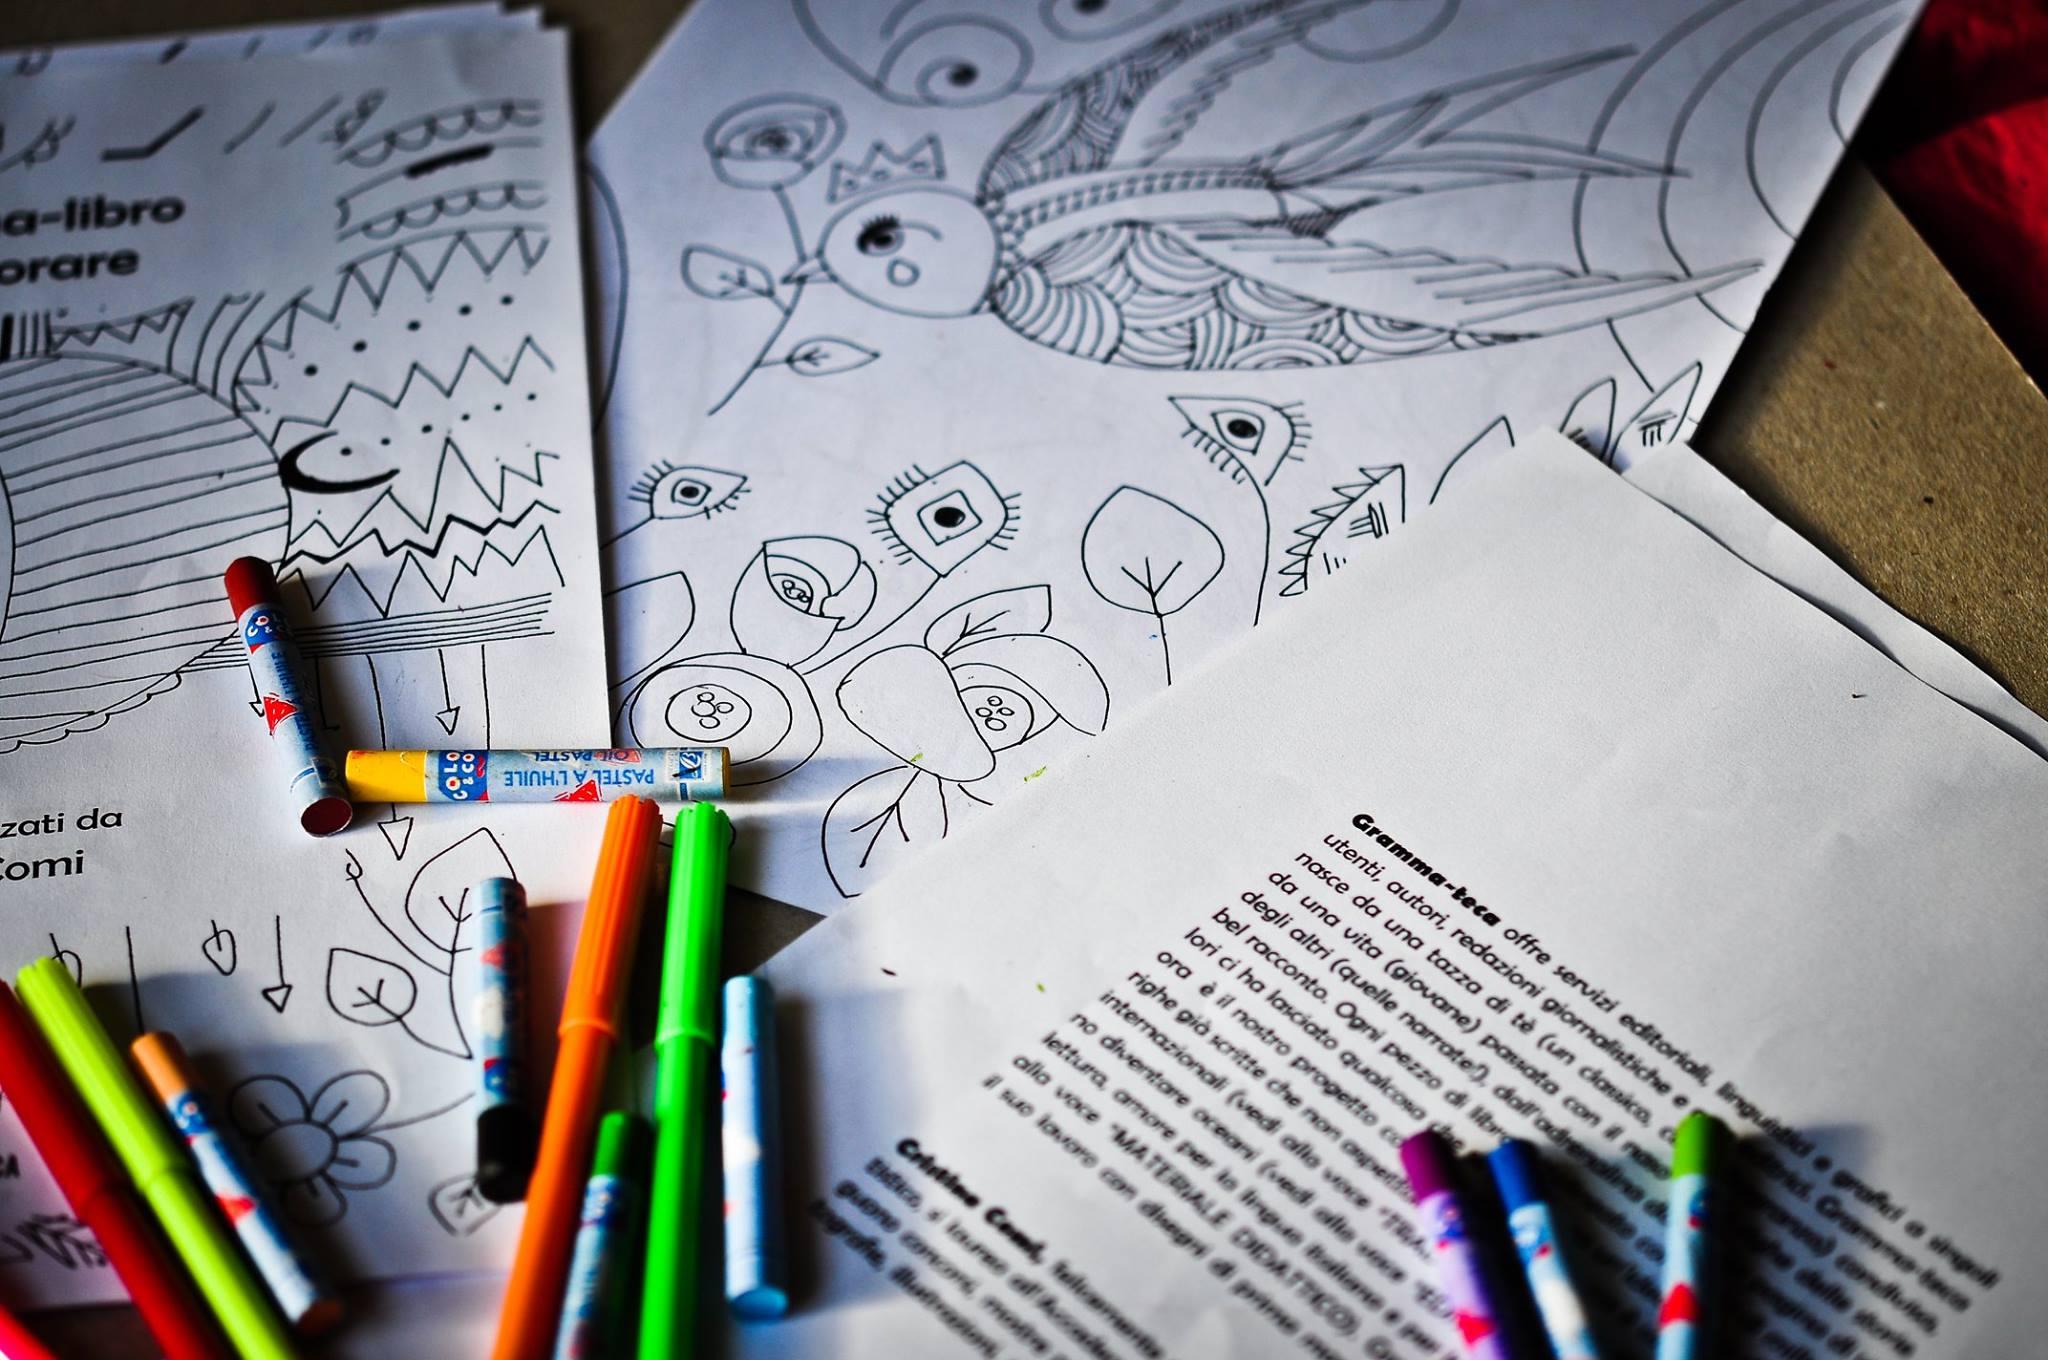 Gramma-libro da colorare per adulti, disegni realizzati da Cristina Comi